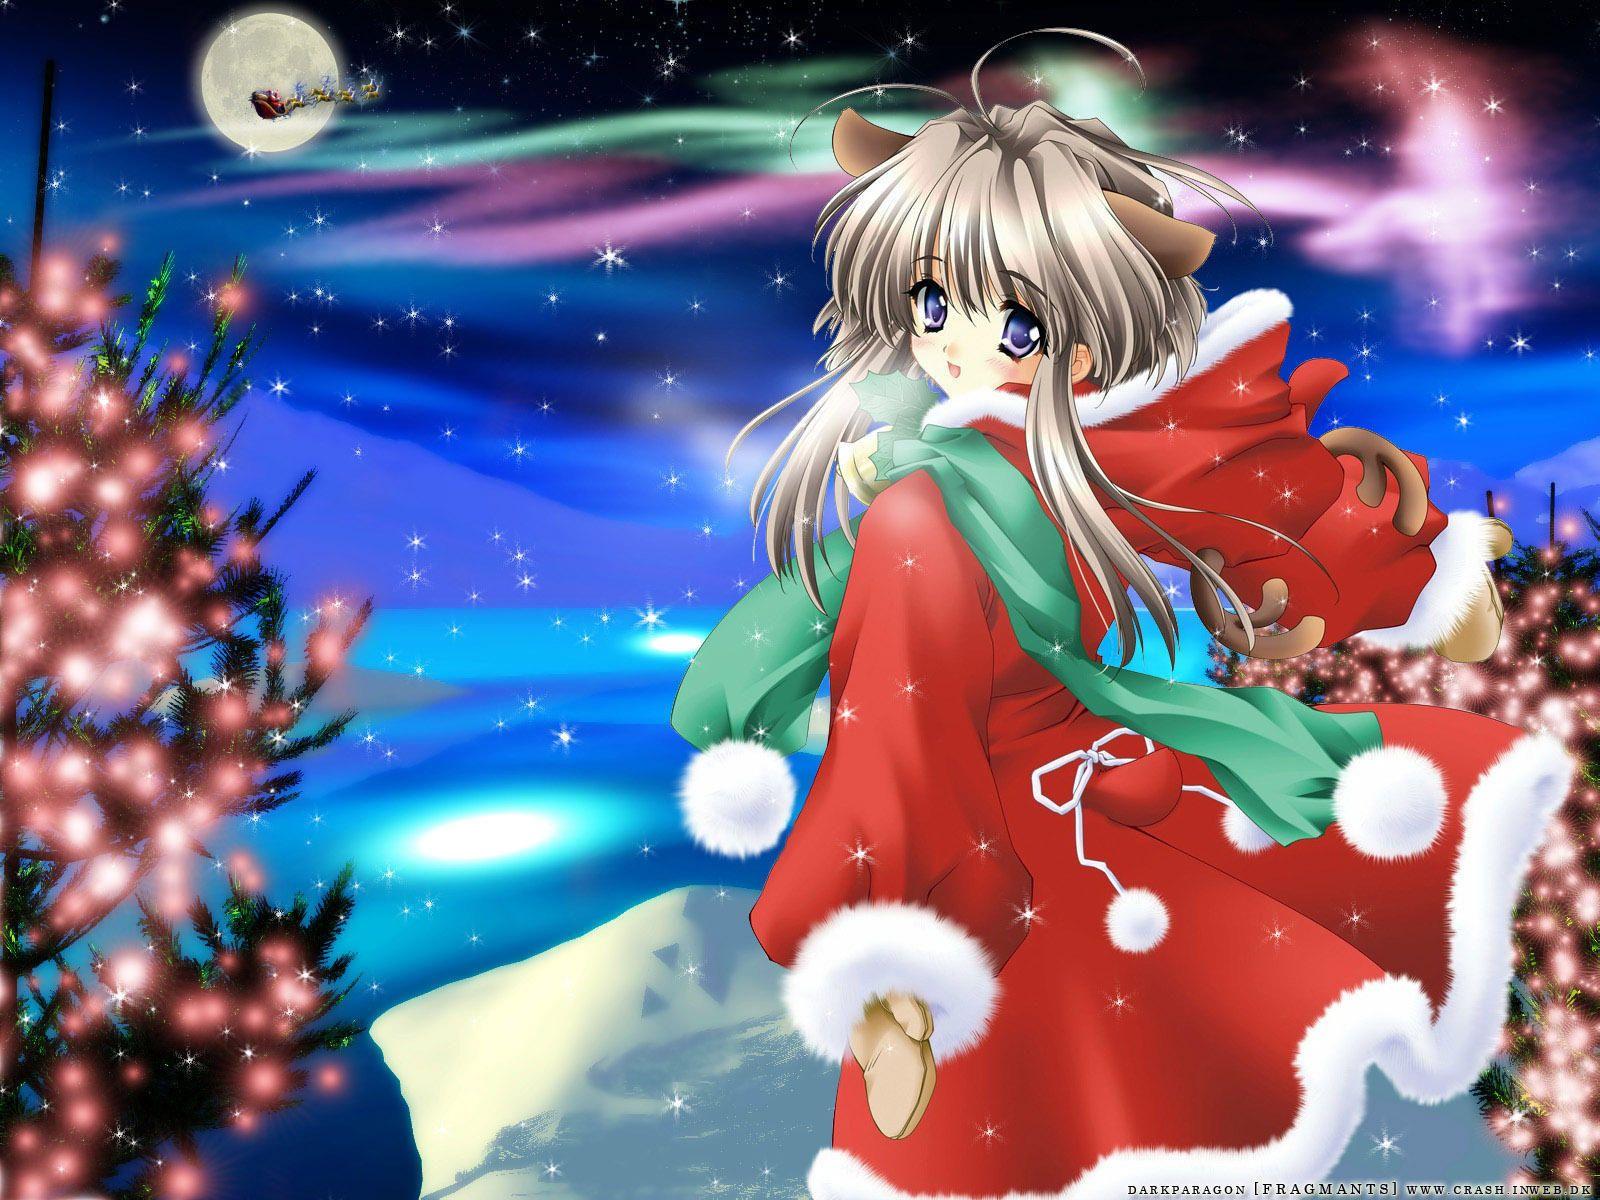 Christmas Anime Wallpaper Anime Christmas Anime Cute Christmas Wallpaper